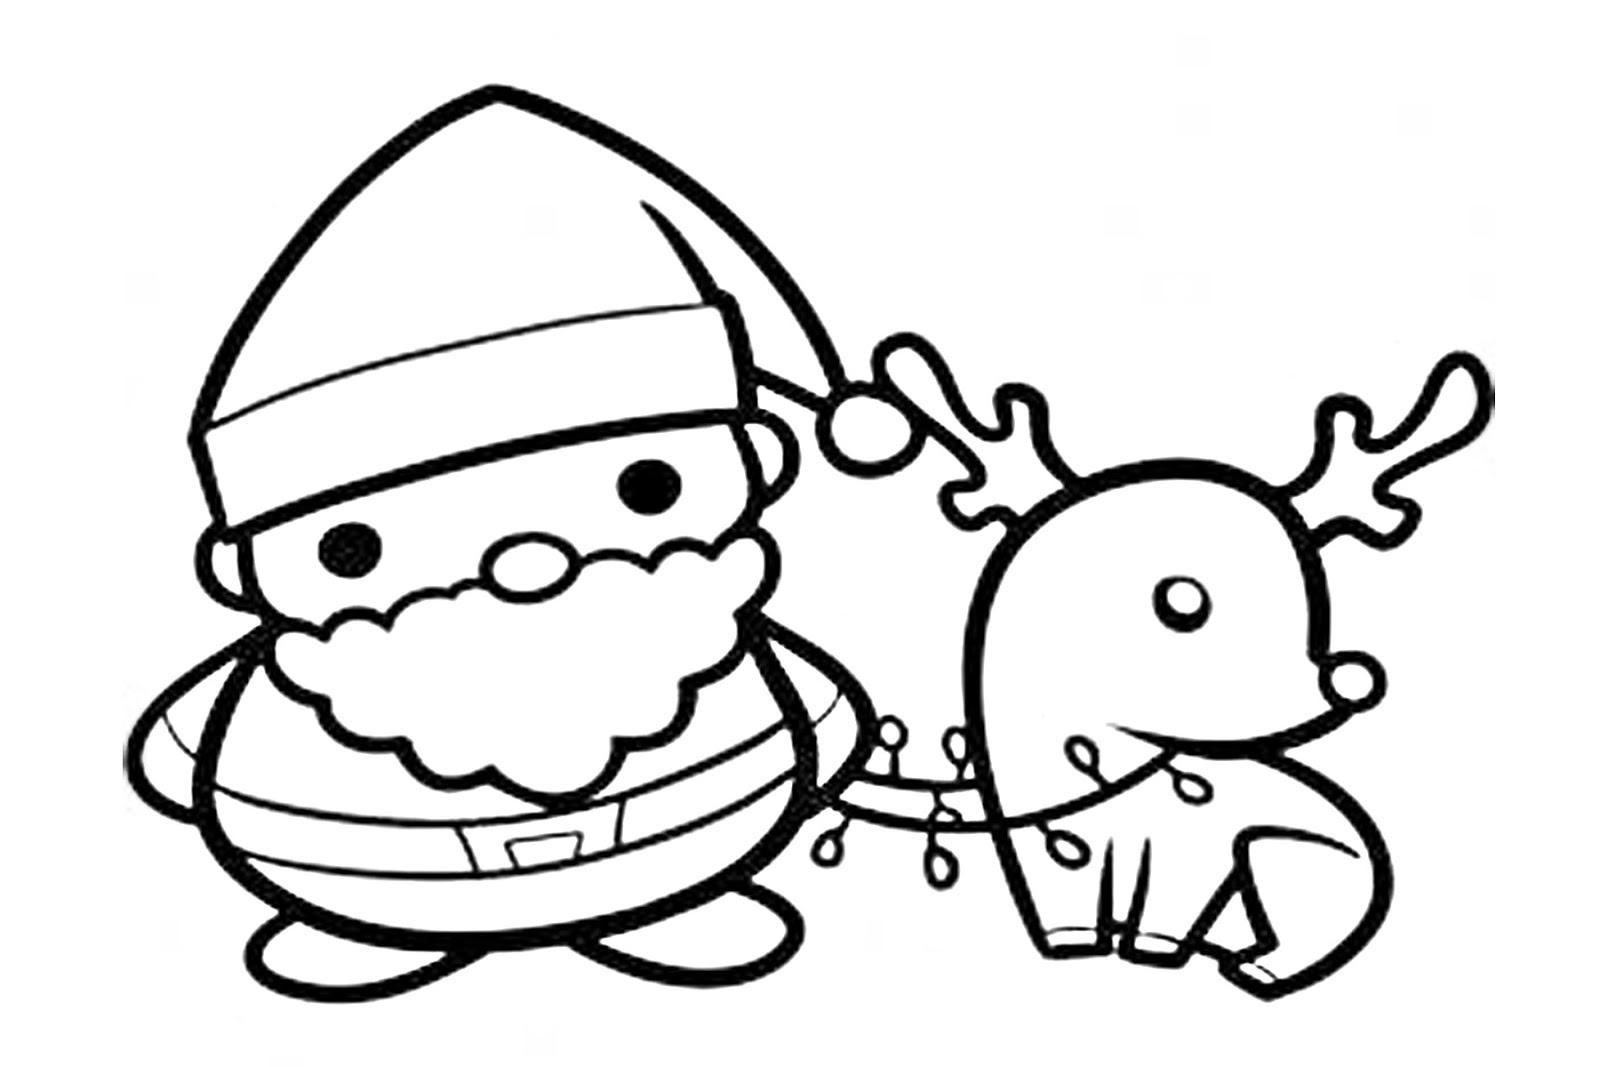 Pinto Dibujos: Santa Claus y rodolfo para colorear